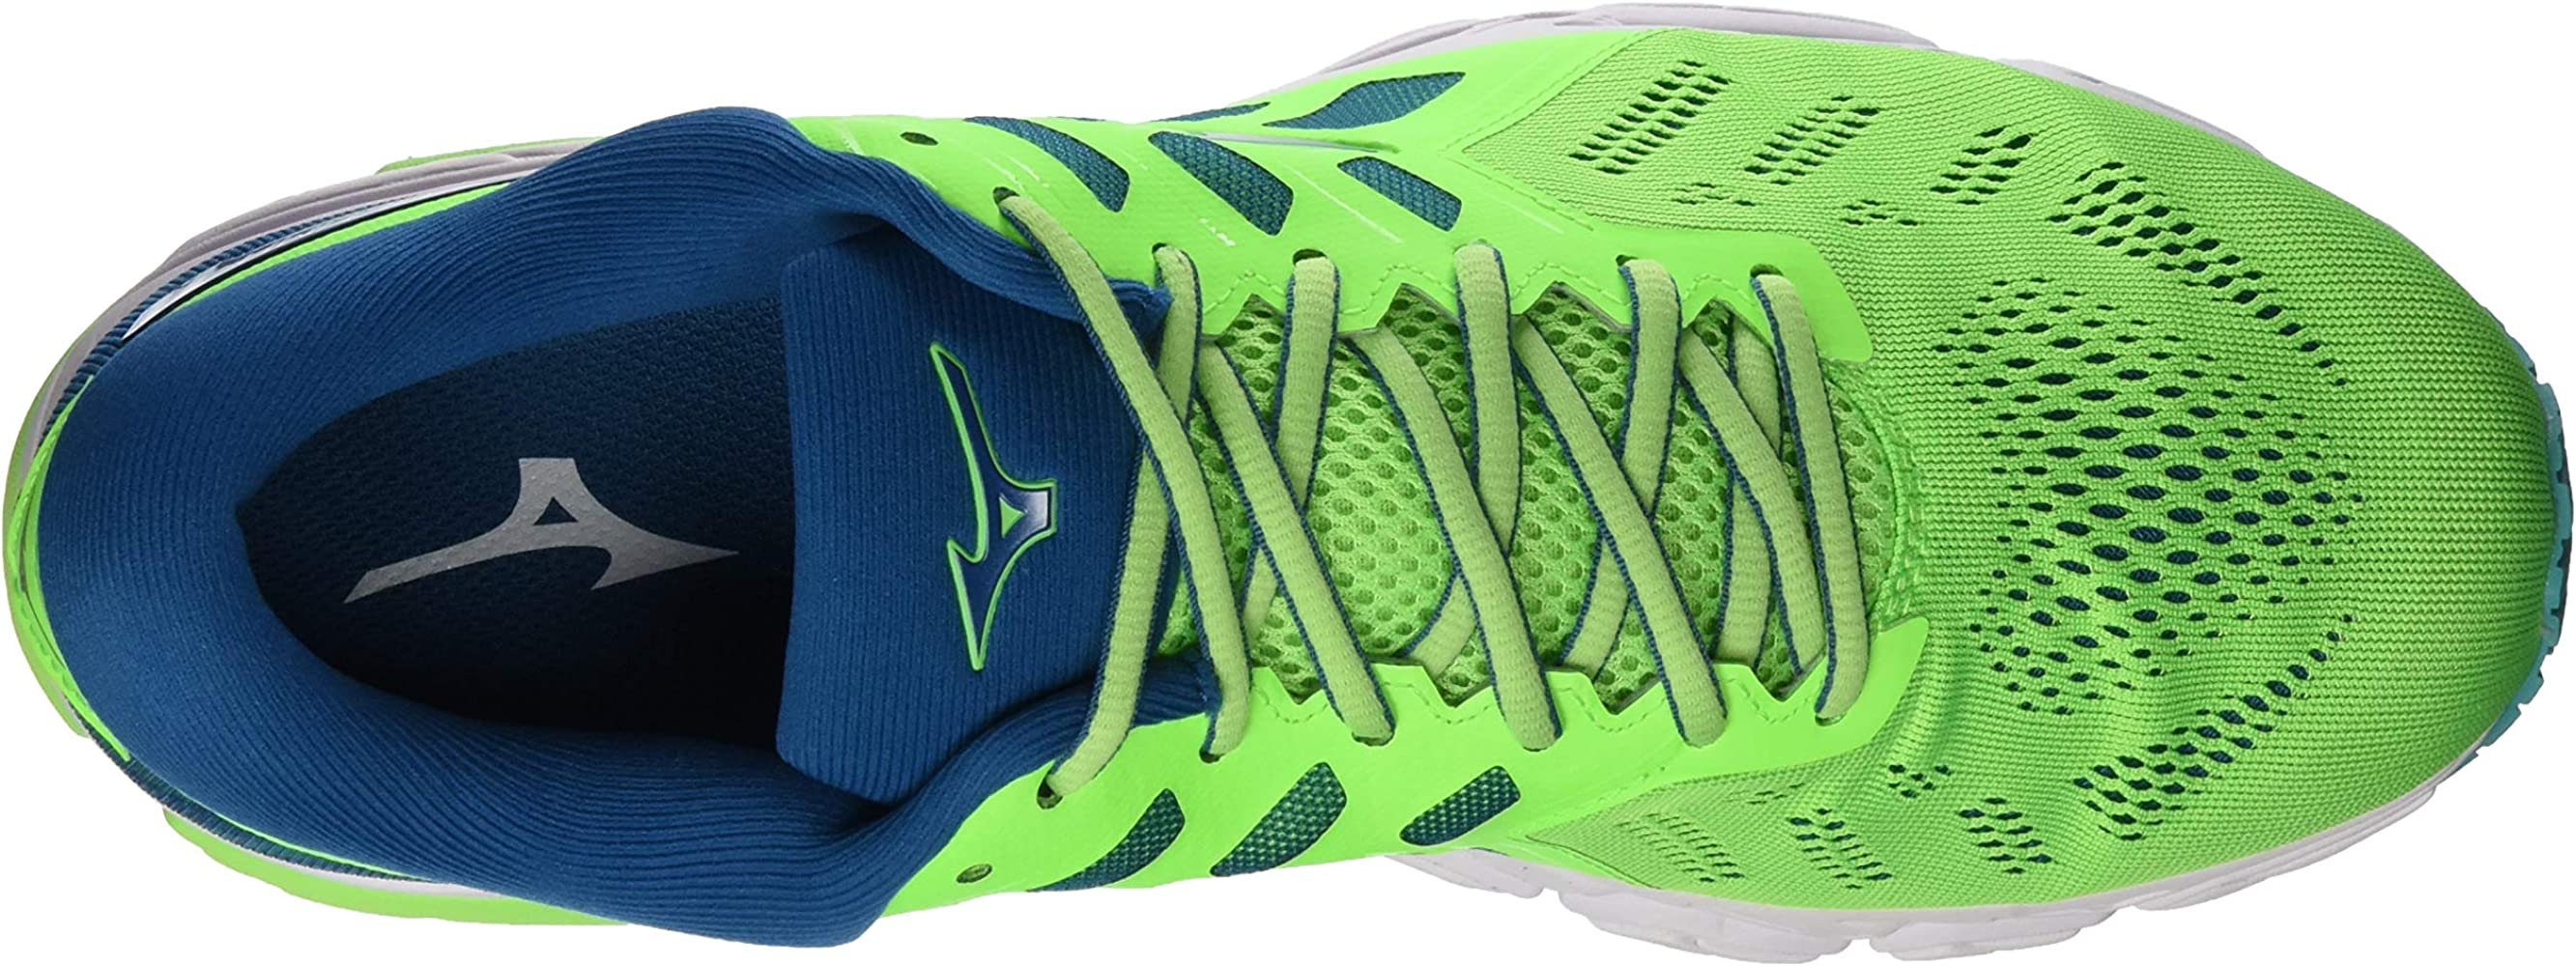 Mizuno Wave Ultima 11, Zapatillas de Running para Hombre, Verde ...